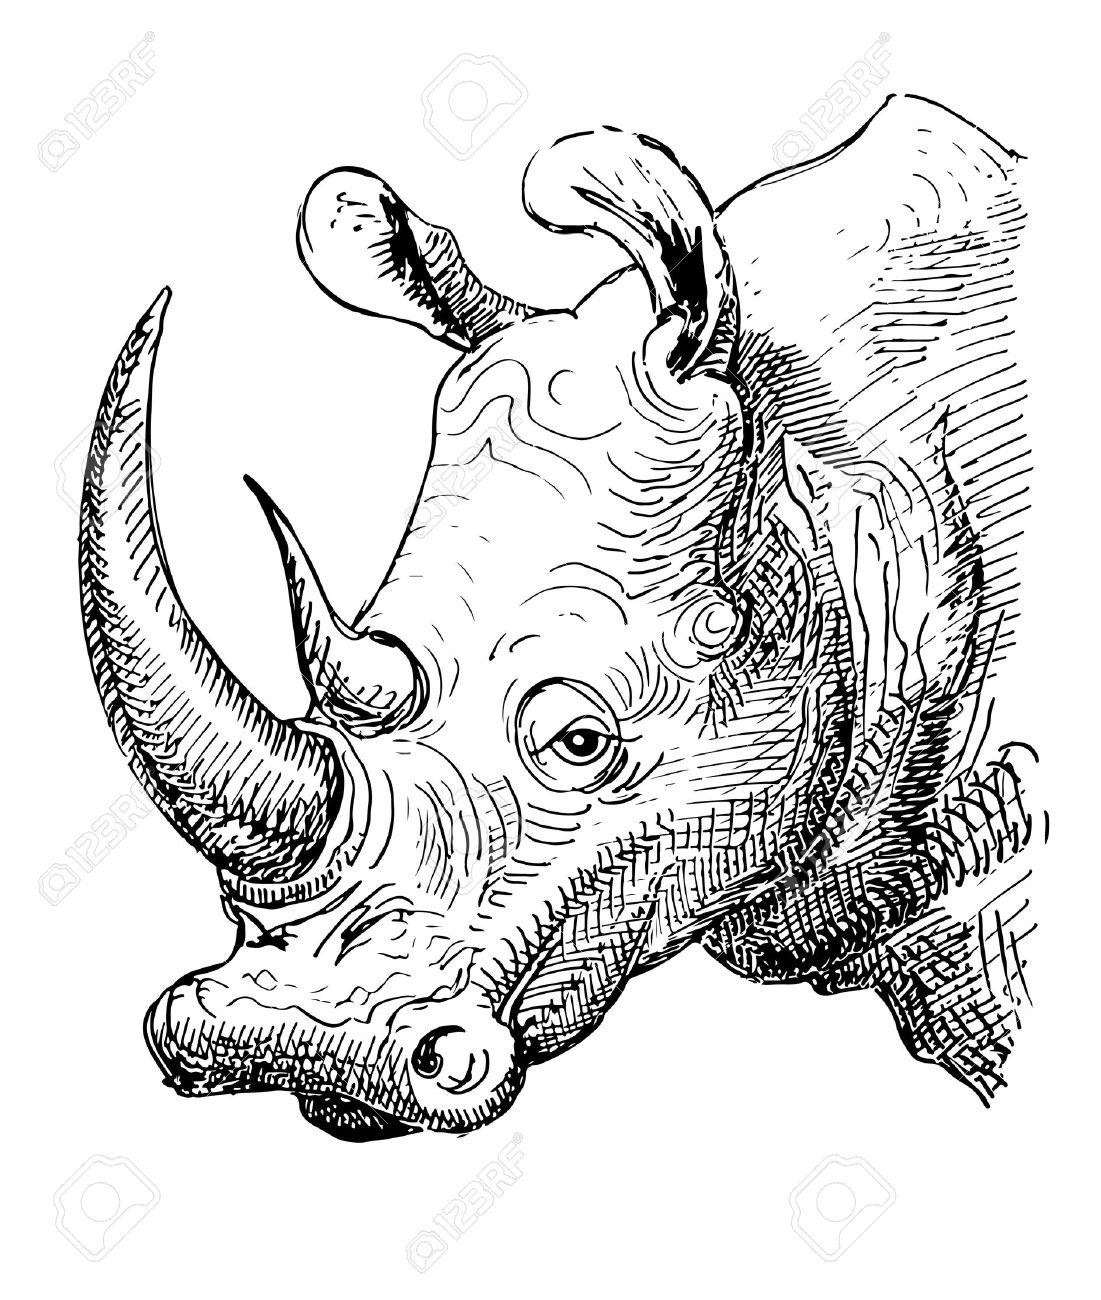 Rhinocéros D Illustration Croquis Dessin Noir Et Blanc De Réaliste Animal De Tête Isolé Sur Fond Blanc